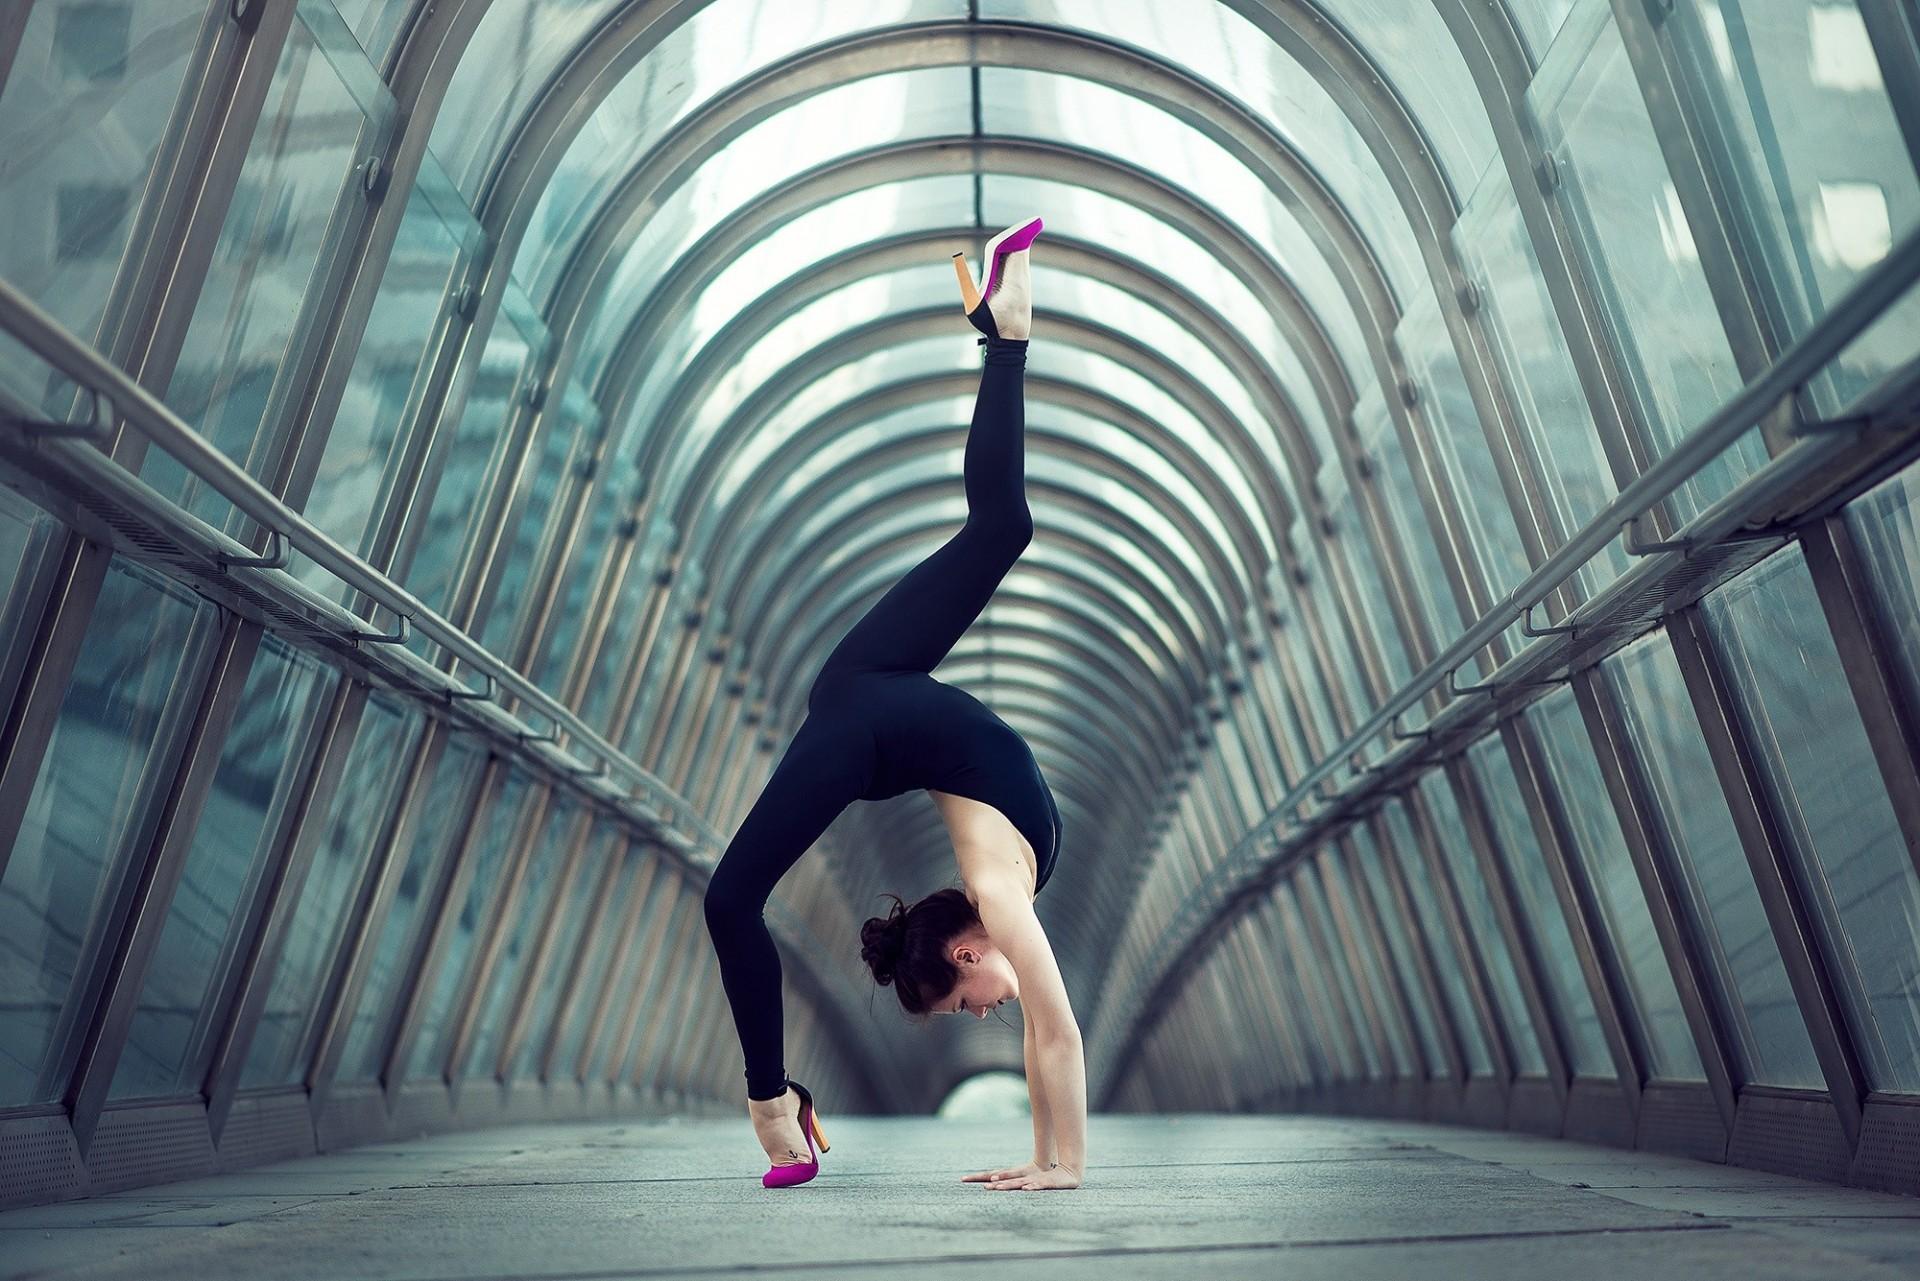 Нереальная девушка гимнастка красотка, трах по вебке онлайн с парнем